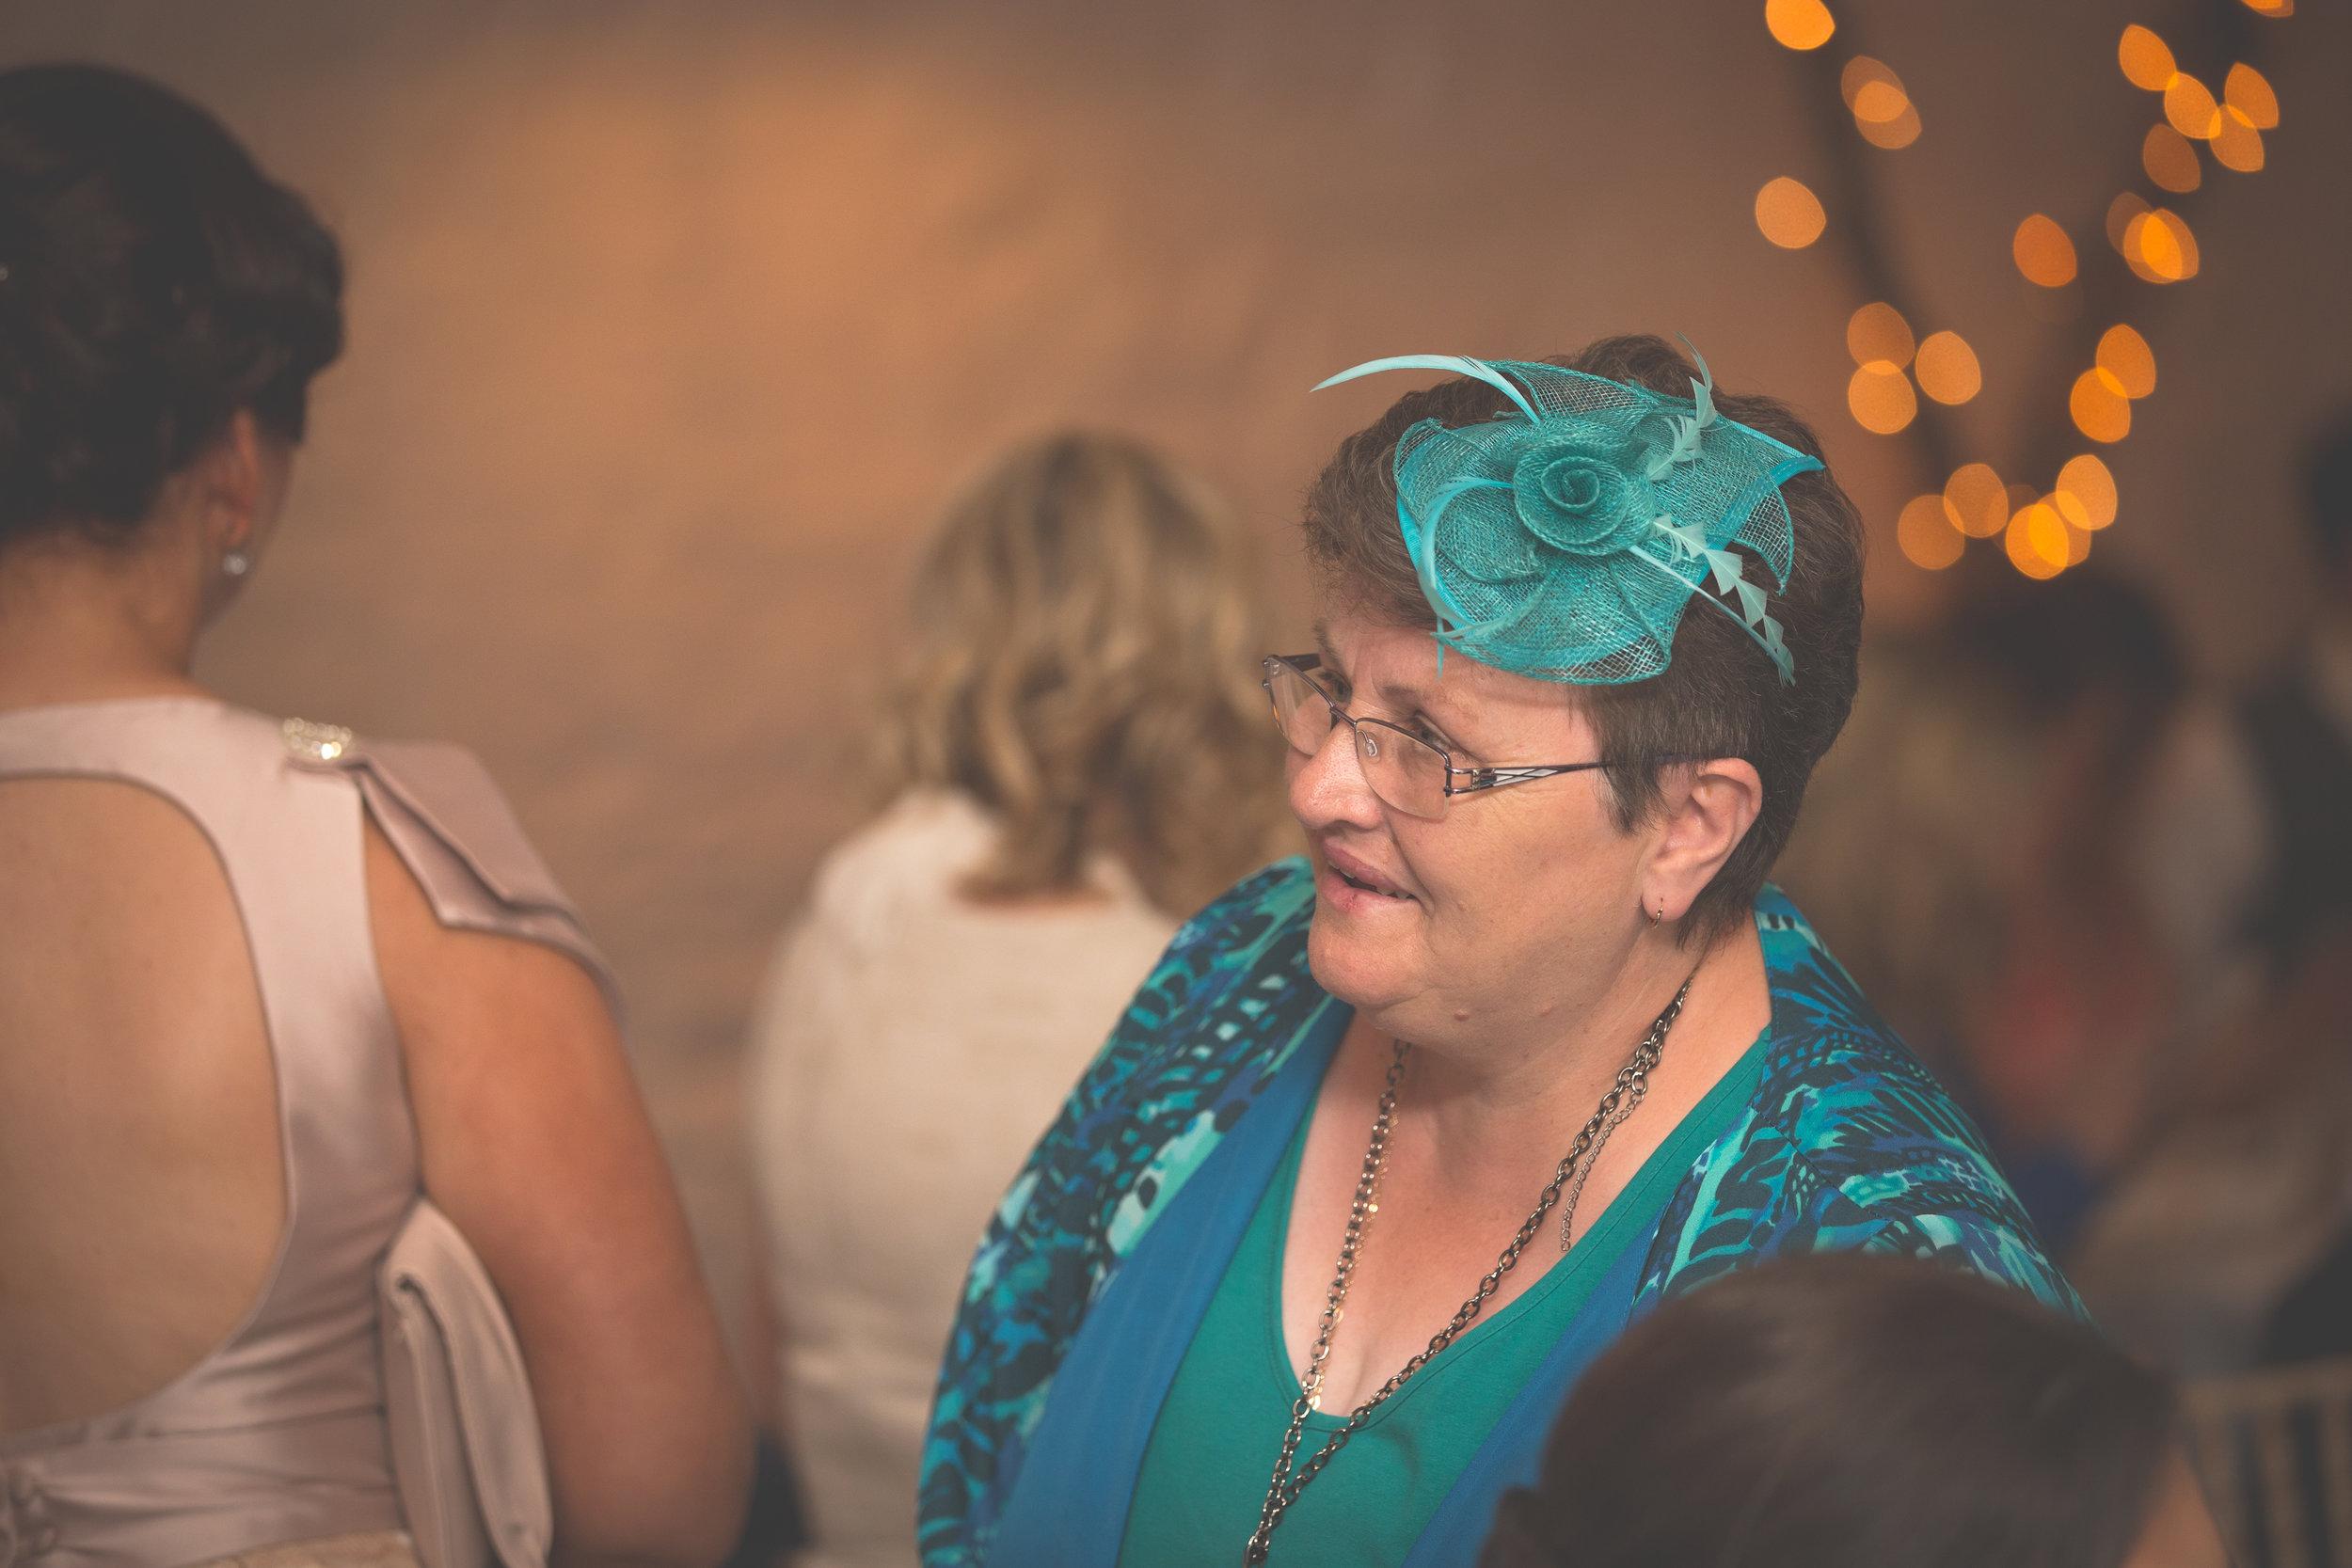 Brian McEwan Wedding Photography | Carol-Anne & Sean | The Speeches-25.jpg